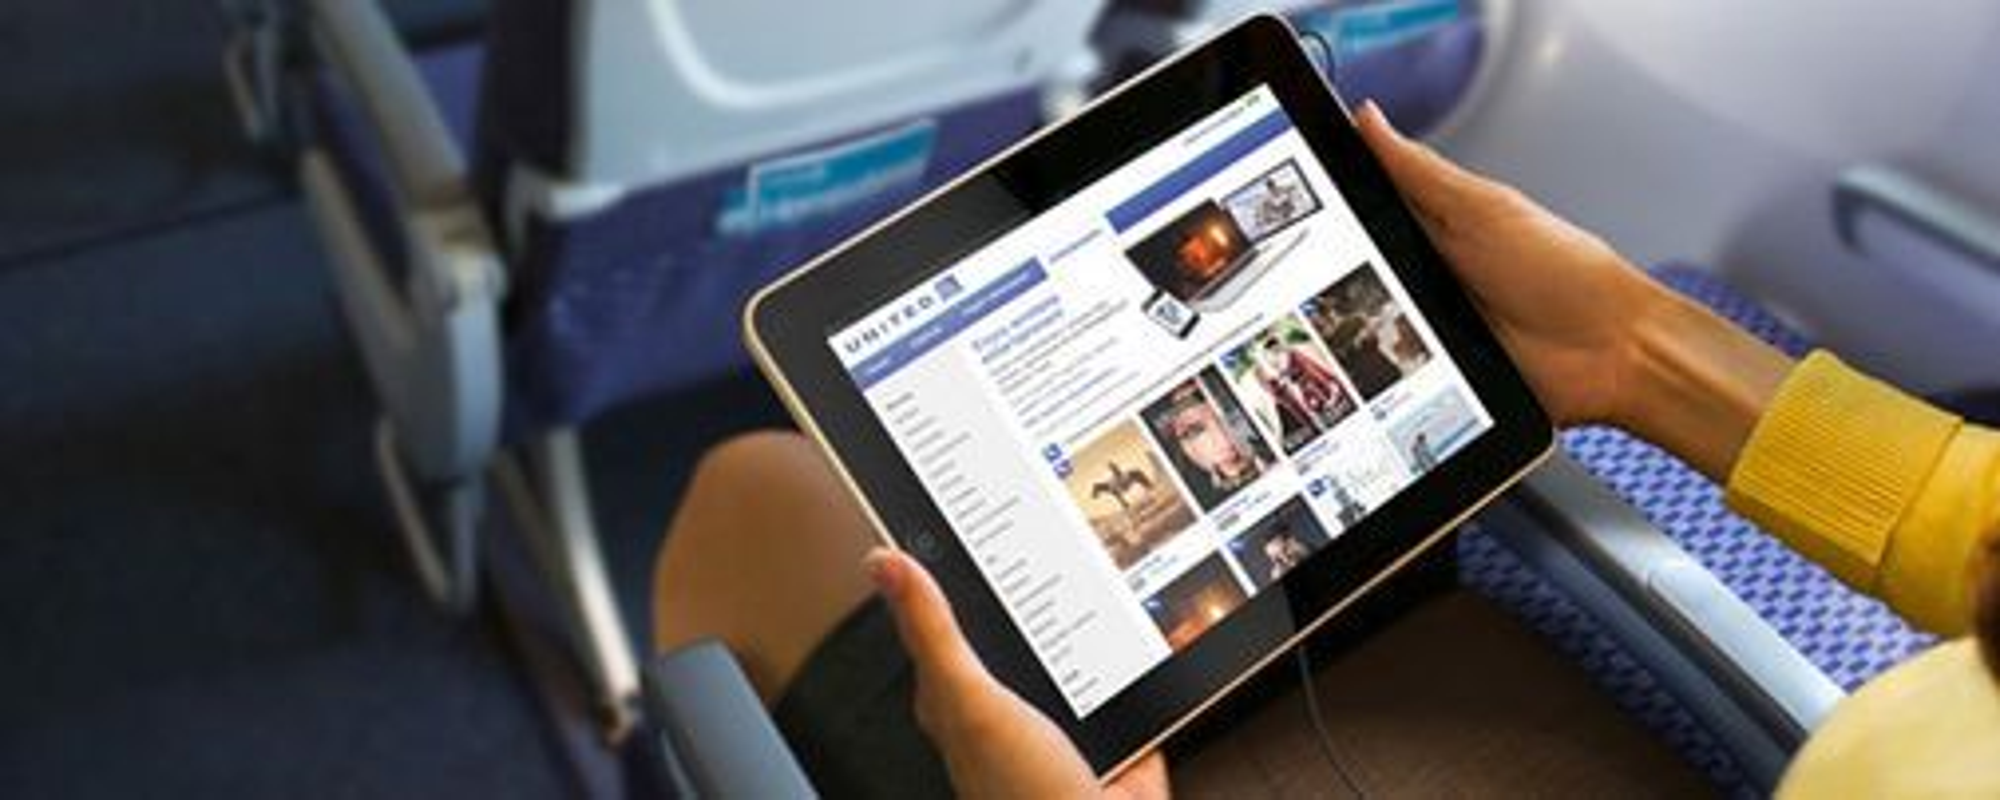 Via selskapets app, kan United Airlines-passasjerer snart strømme filmer og tv-programmer til sin egen enhet ombord på flyet.